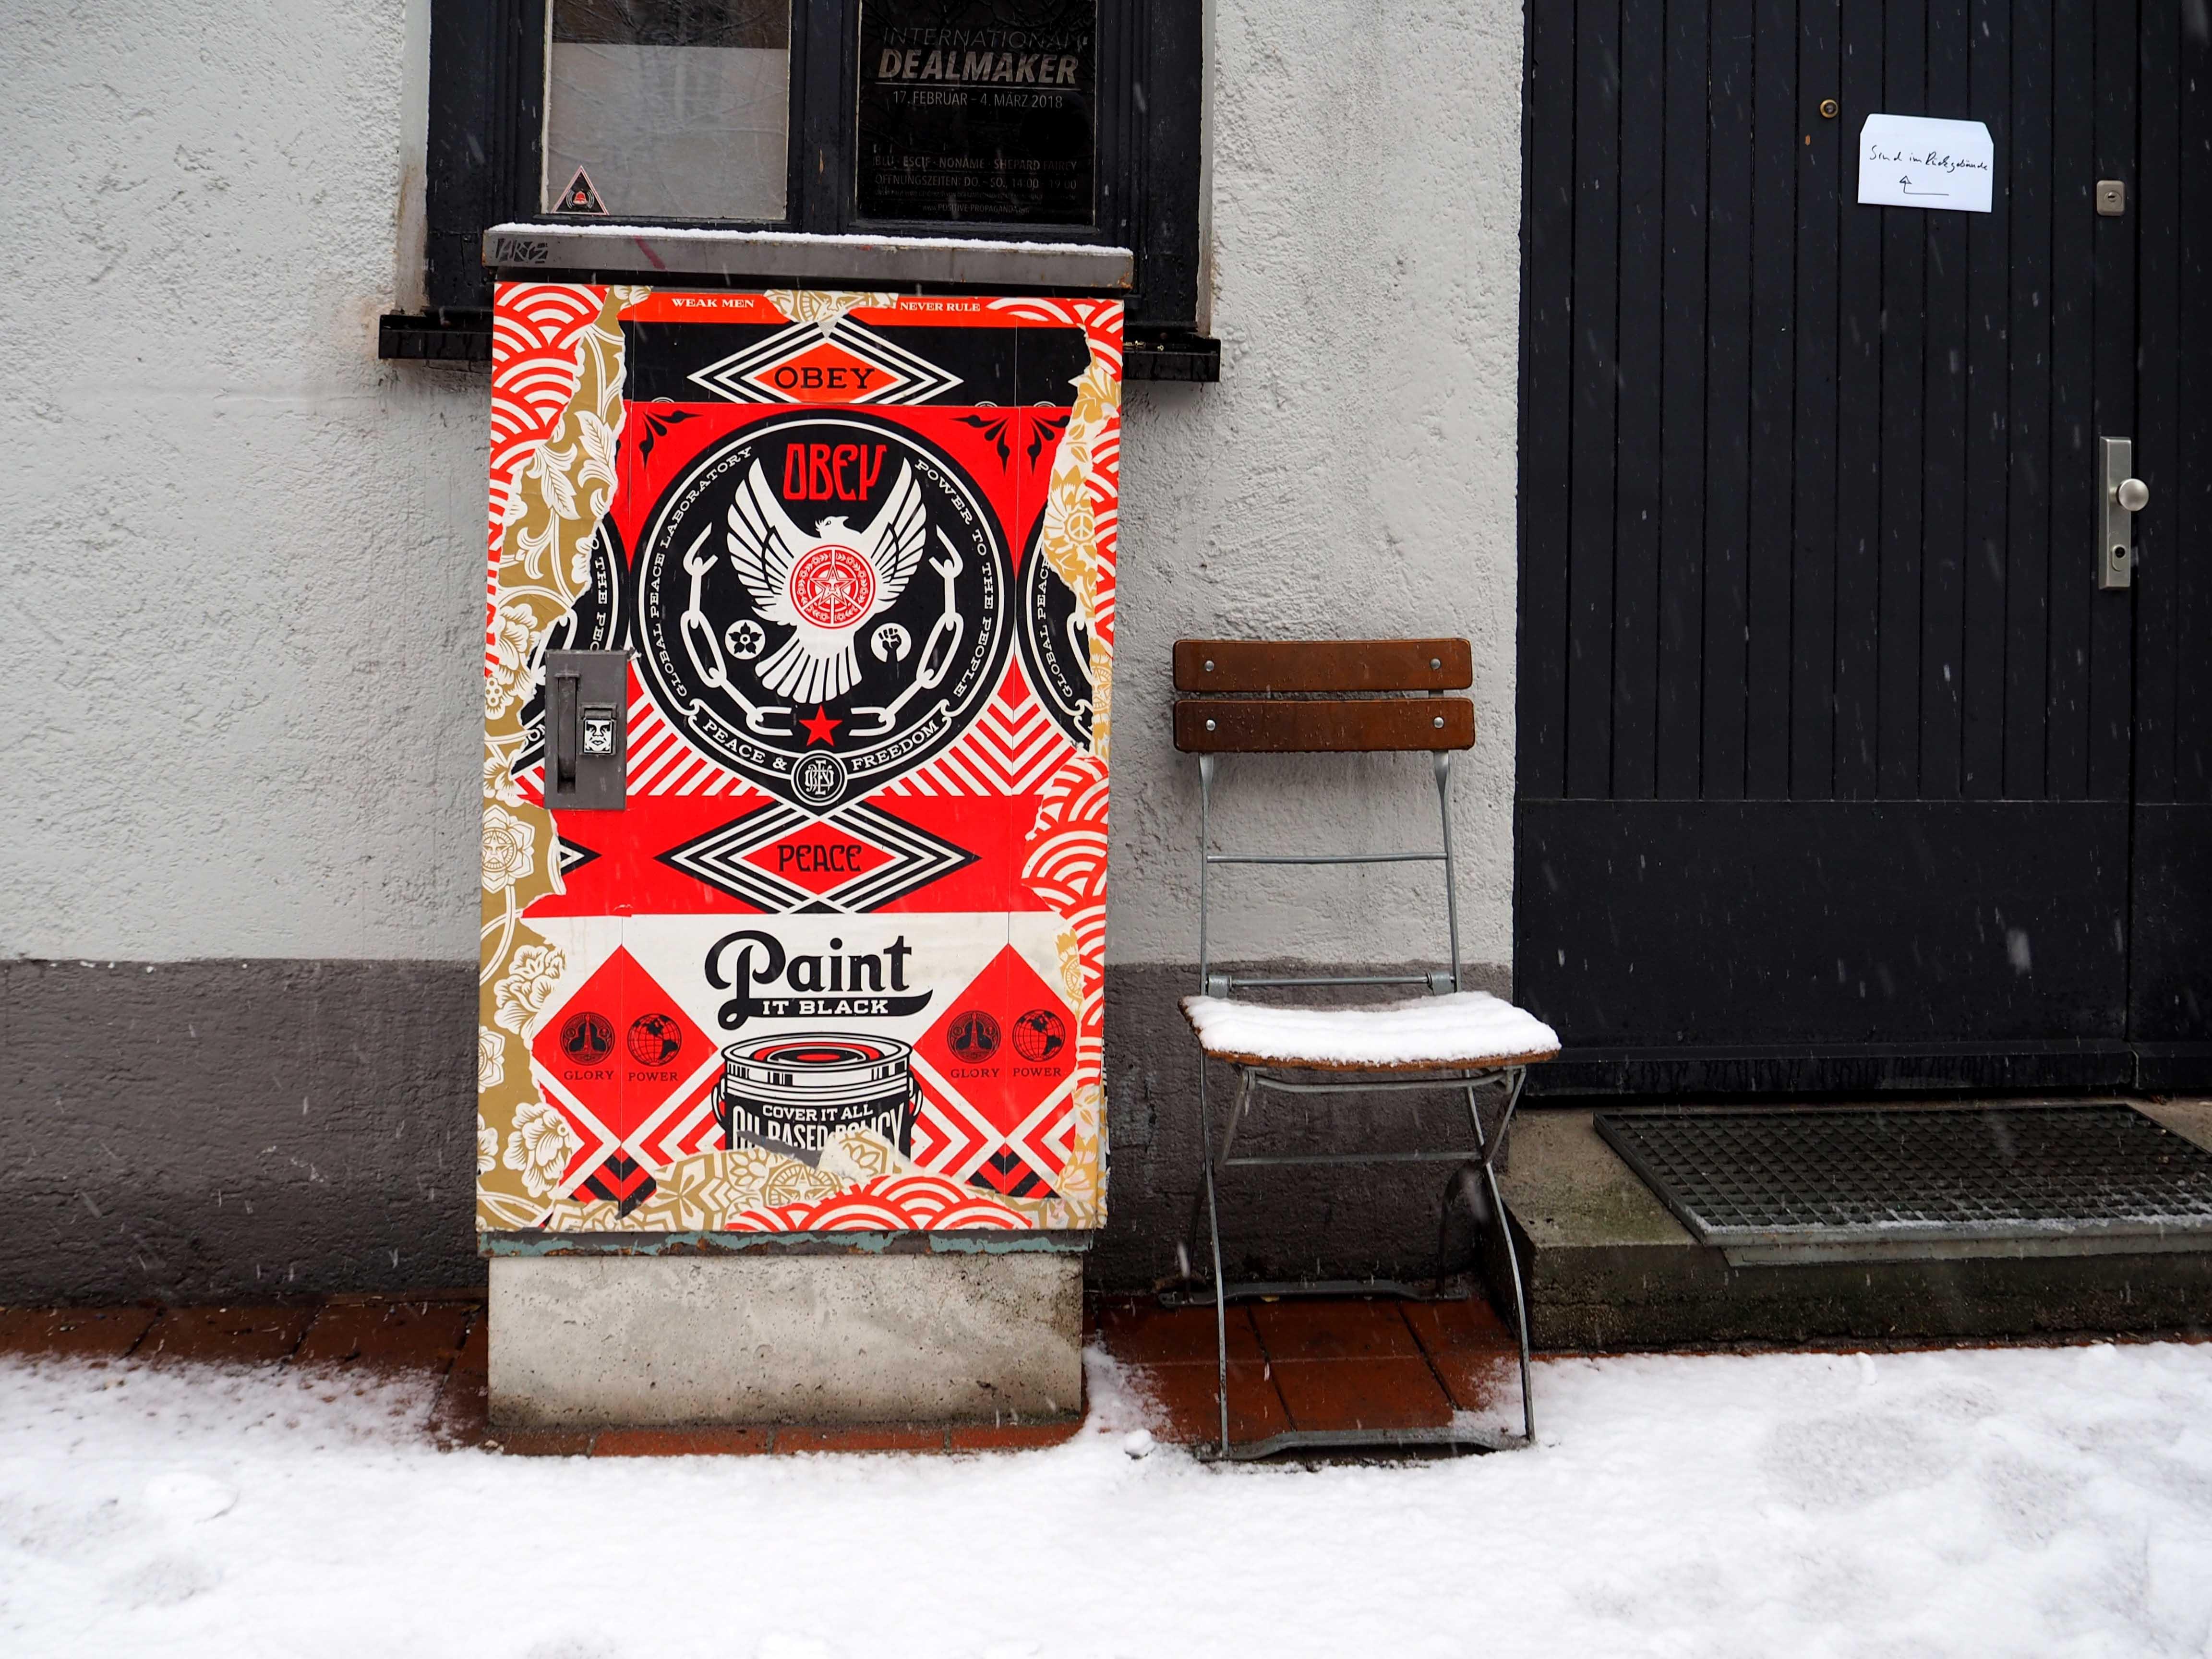 vor einem Eingang steht ein Stromkasten, der von Shepard Fairey gestaltet ist